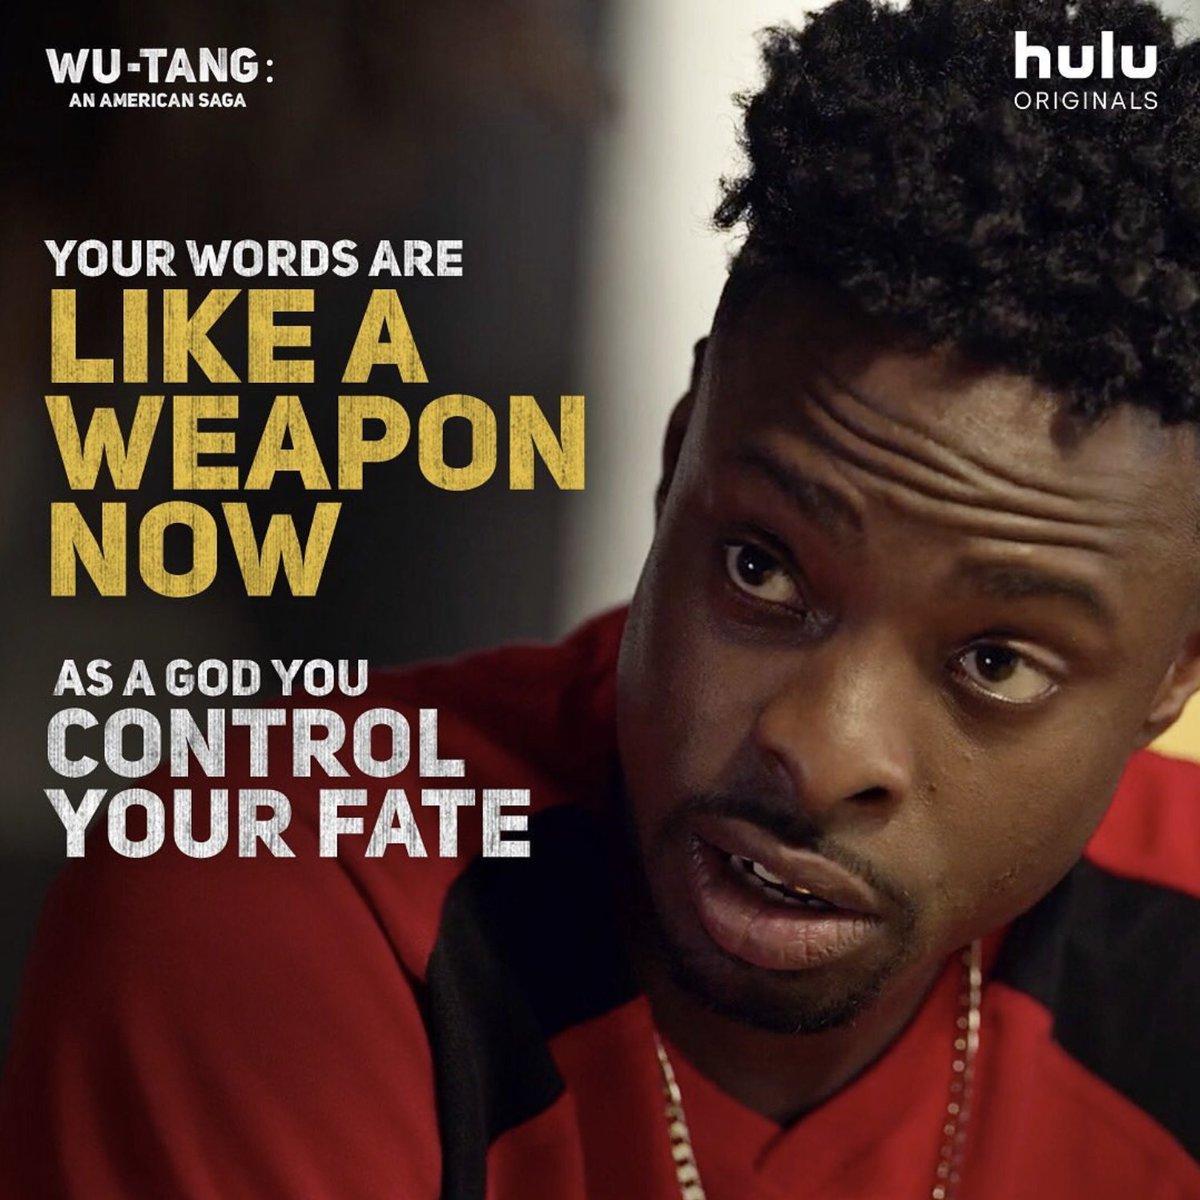 Now you can binge-watch the series on @Hulu. Which was your favorite episode? #wutang #wutangonhulu #rza